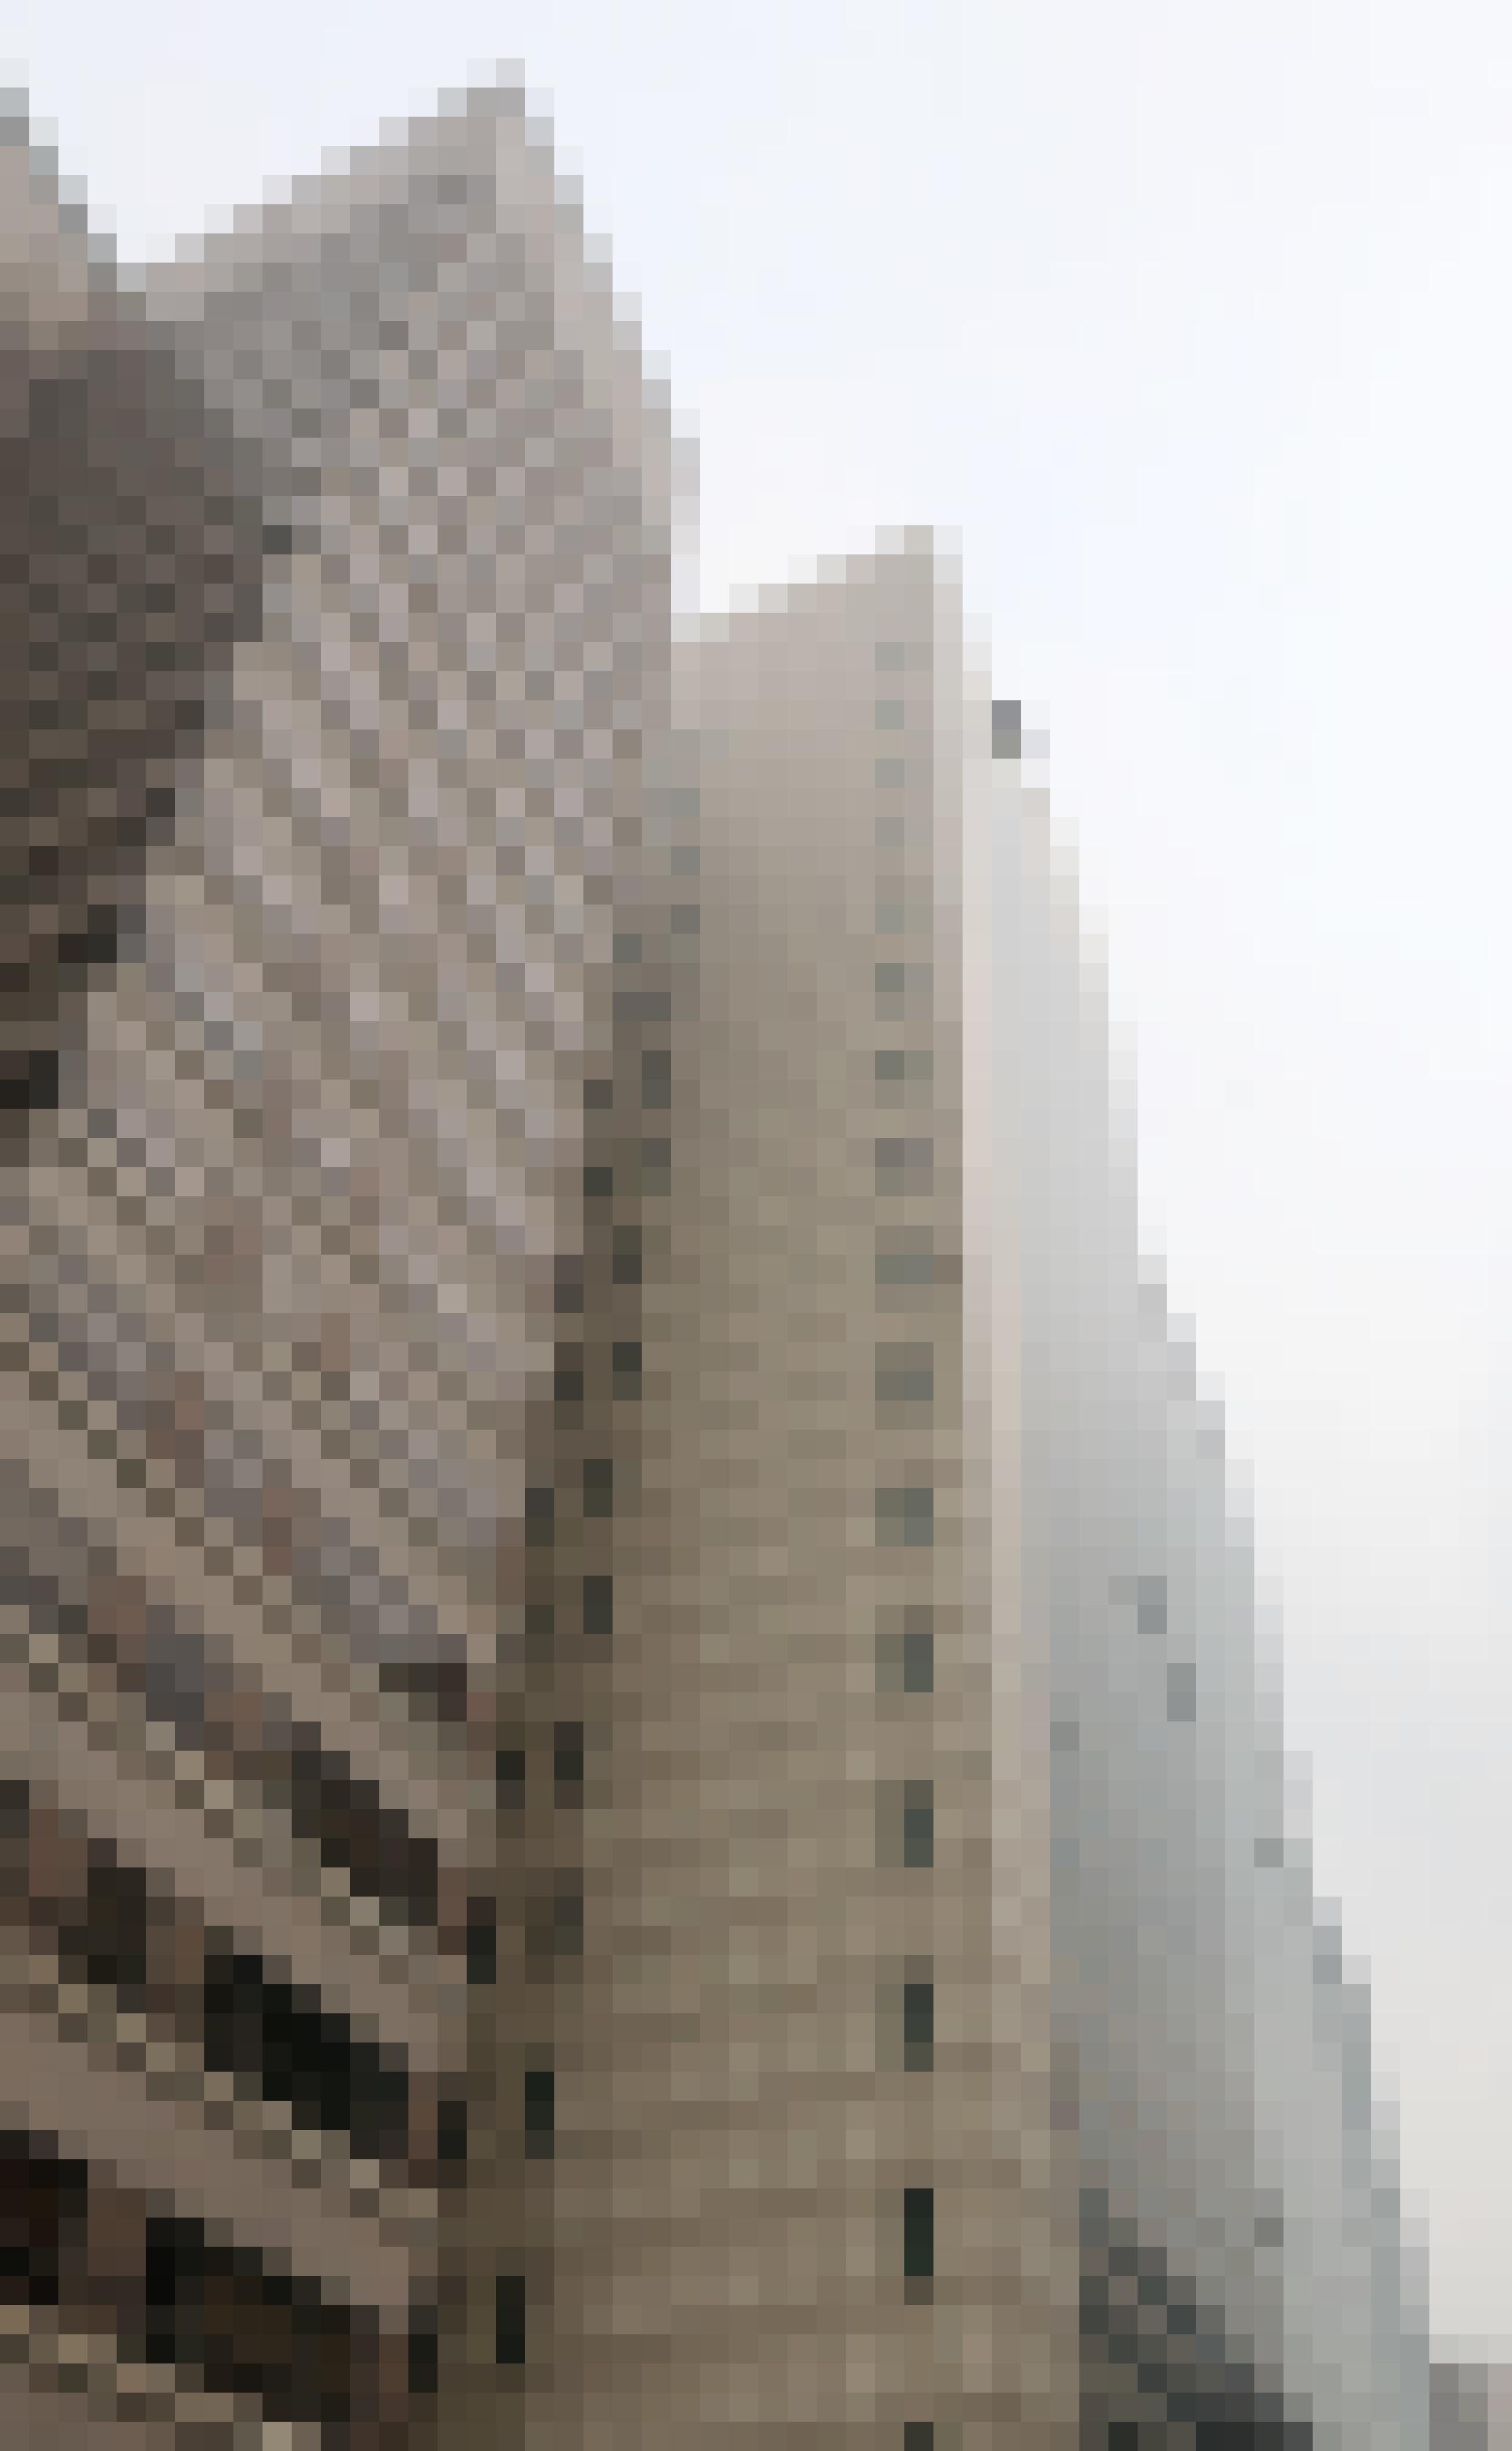 서울 구로구에 한 대기업 사옥에서 40대 부장이 회사 옥상에서 투신해 숨져 경찰이 수사에 나섰다.※본 이미지는 해당 기사와 관련이 없음을 알려드립니다.